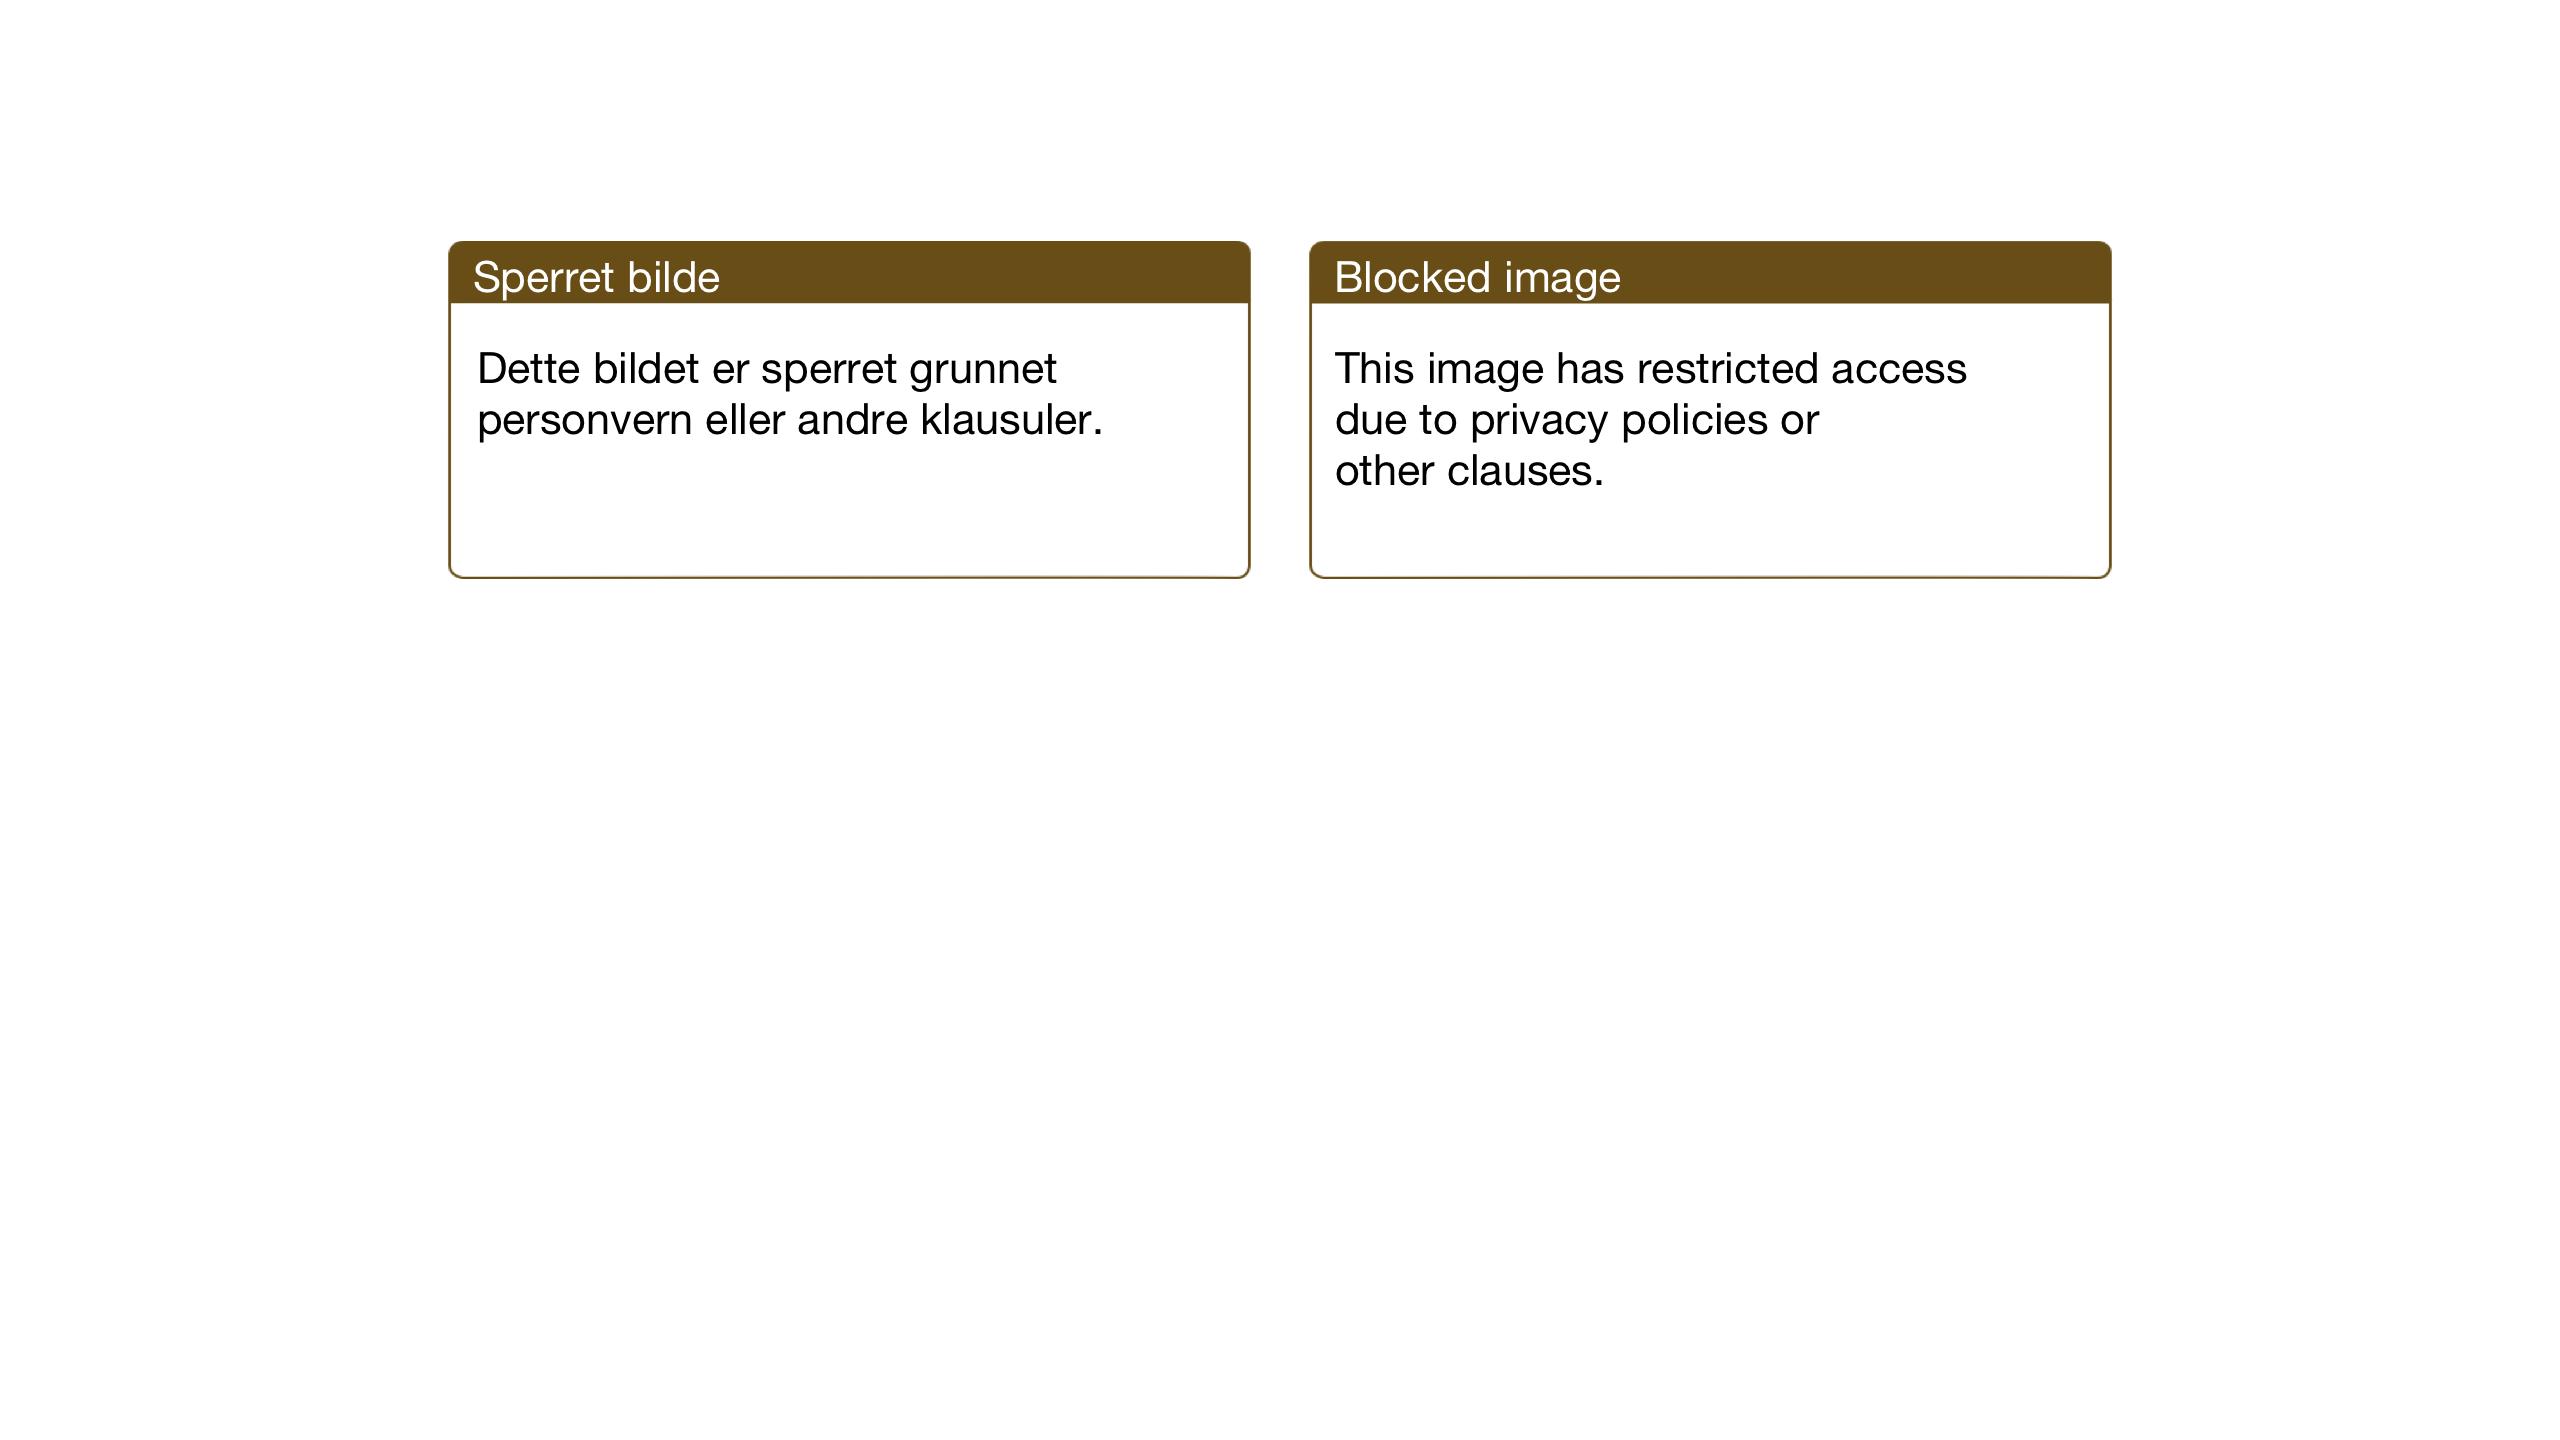 SAT, Ministerialprotokoller, klokkerbøker og fødselsregistre - Nord-Trøndelag, 701/L0019: Klokkerbok nr. 701C03, 1930-1953, s. 49